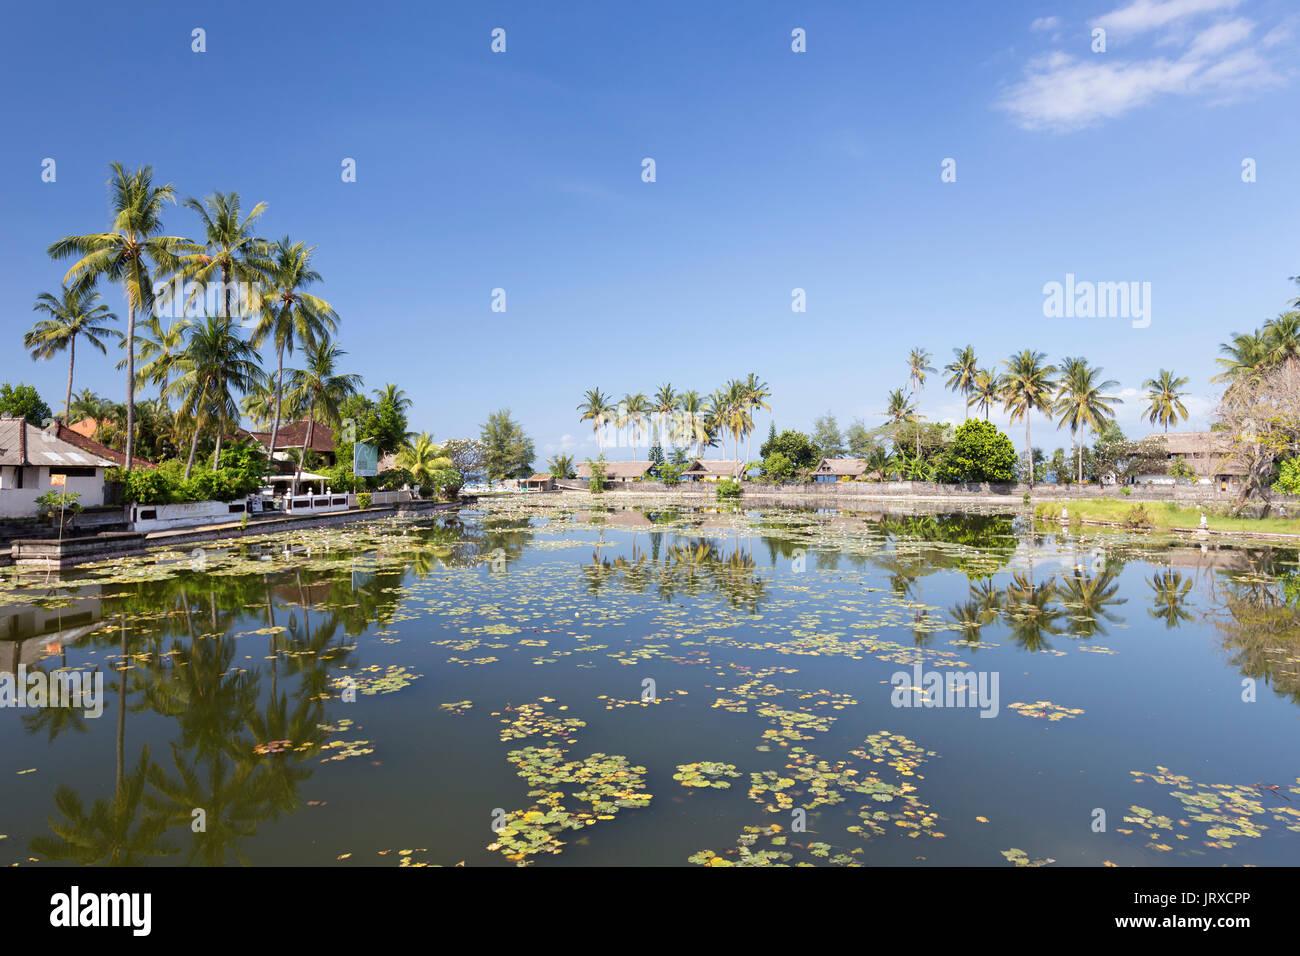 Lotus Seerosen wachsen in der Lagune von Candidasa, Bali, Indonesien Stockbild